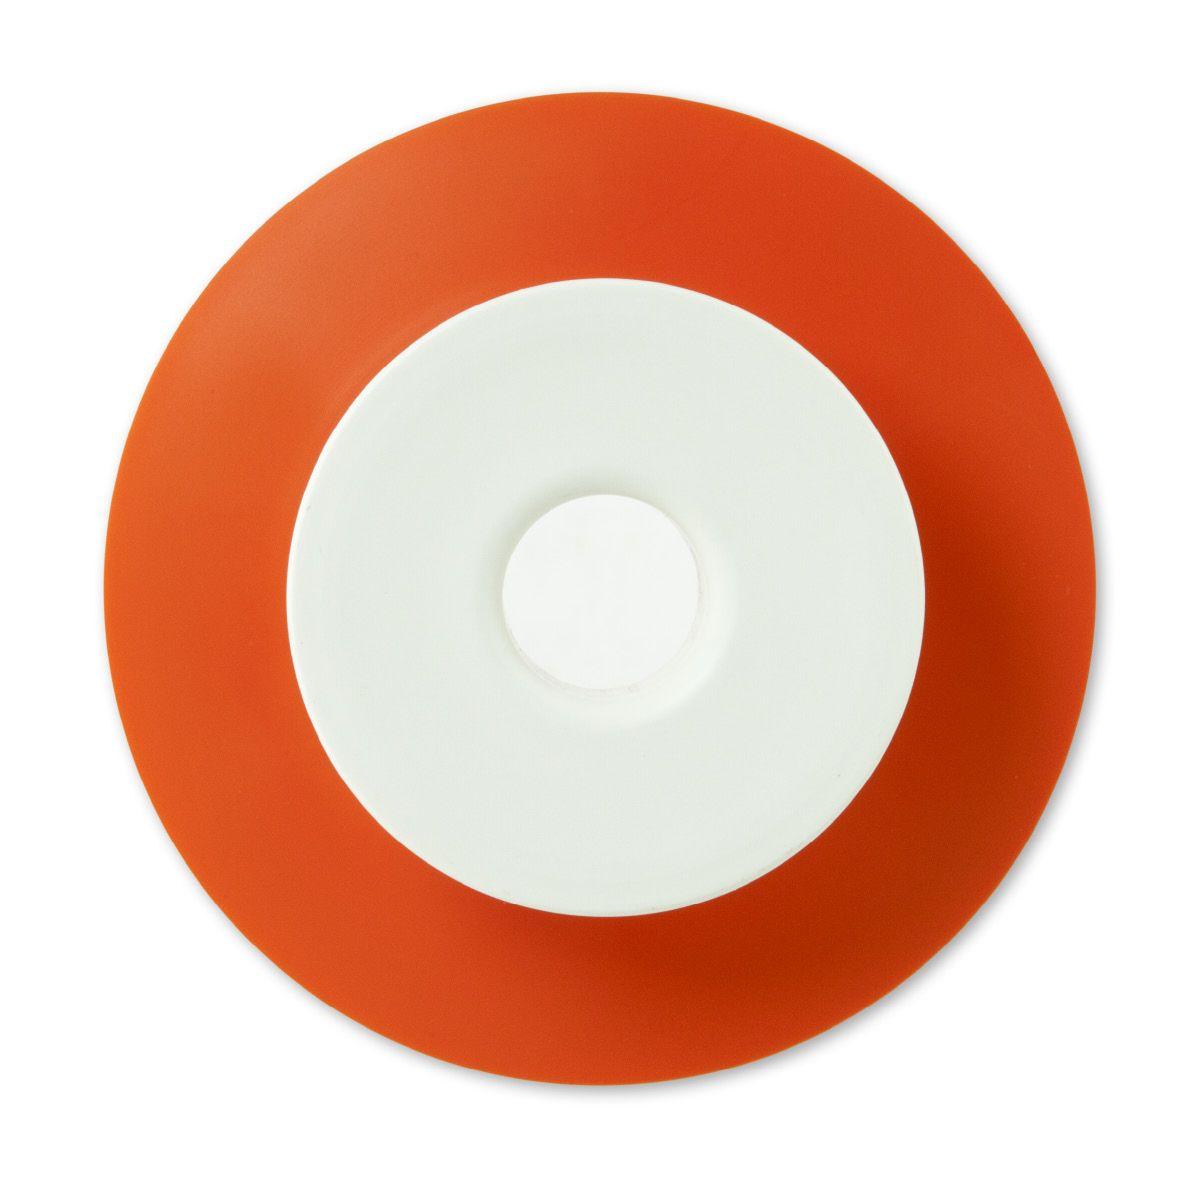 PLA Filament | Color: Teal